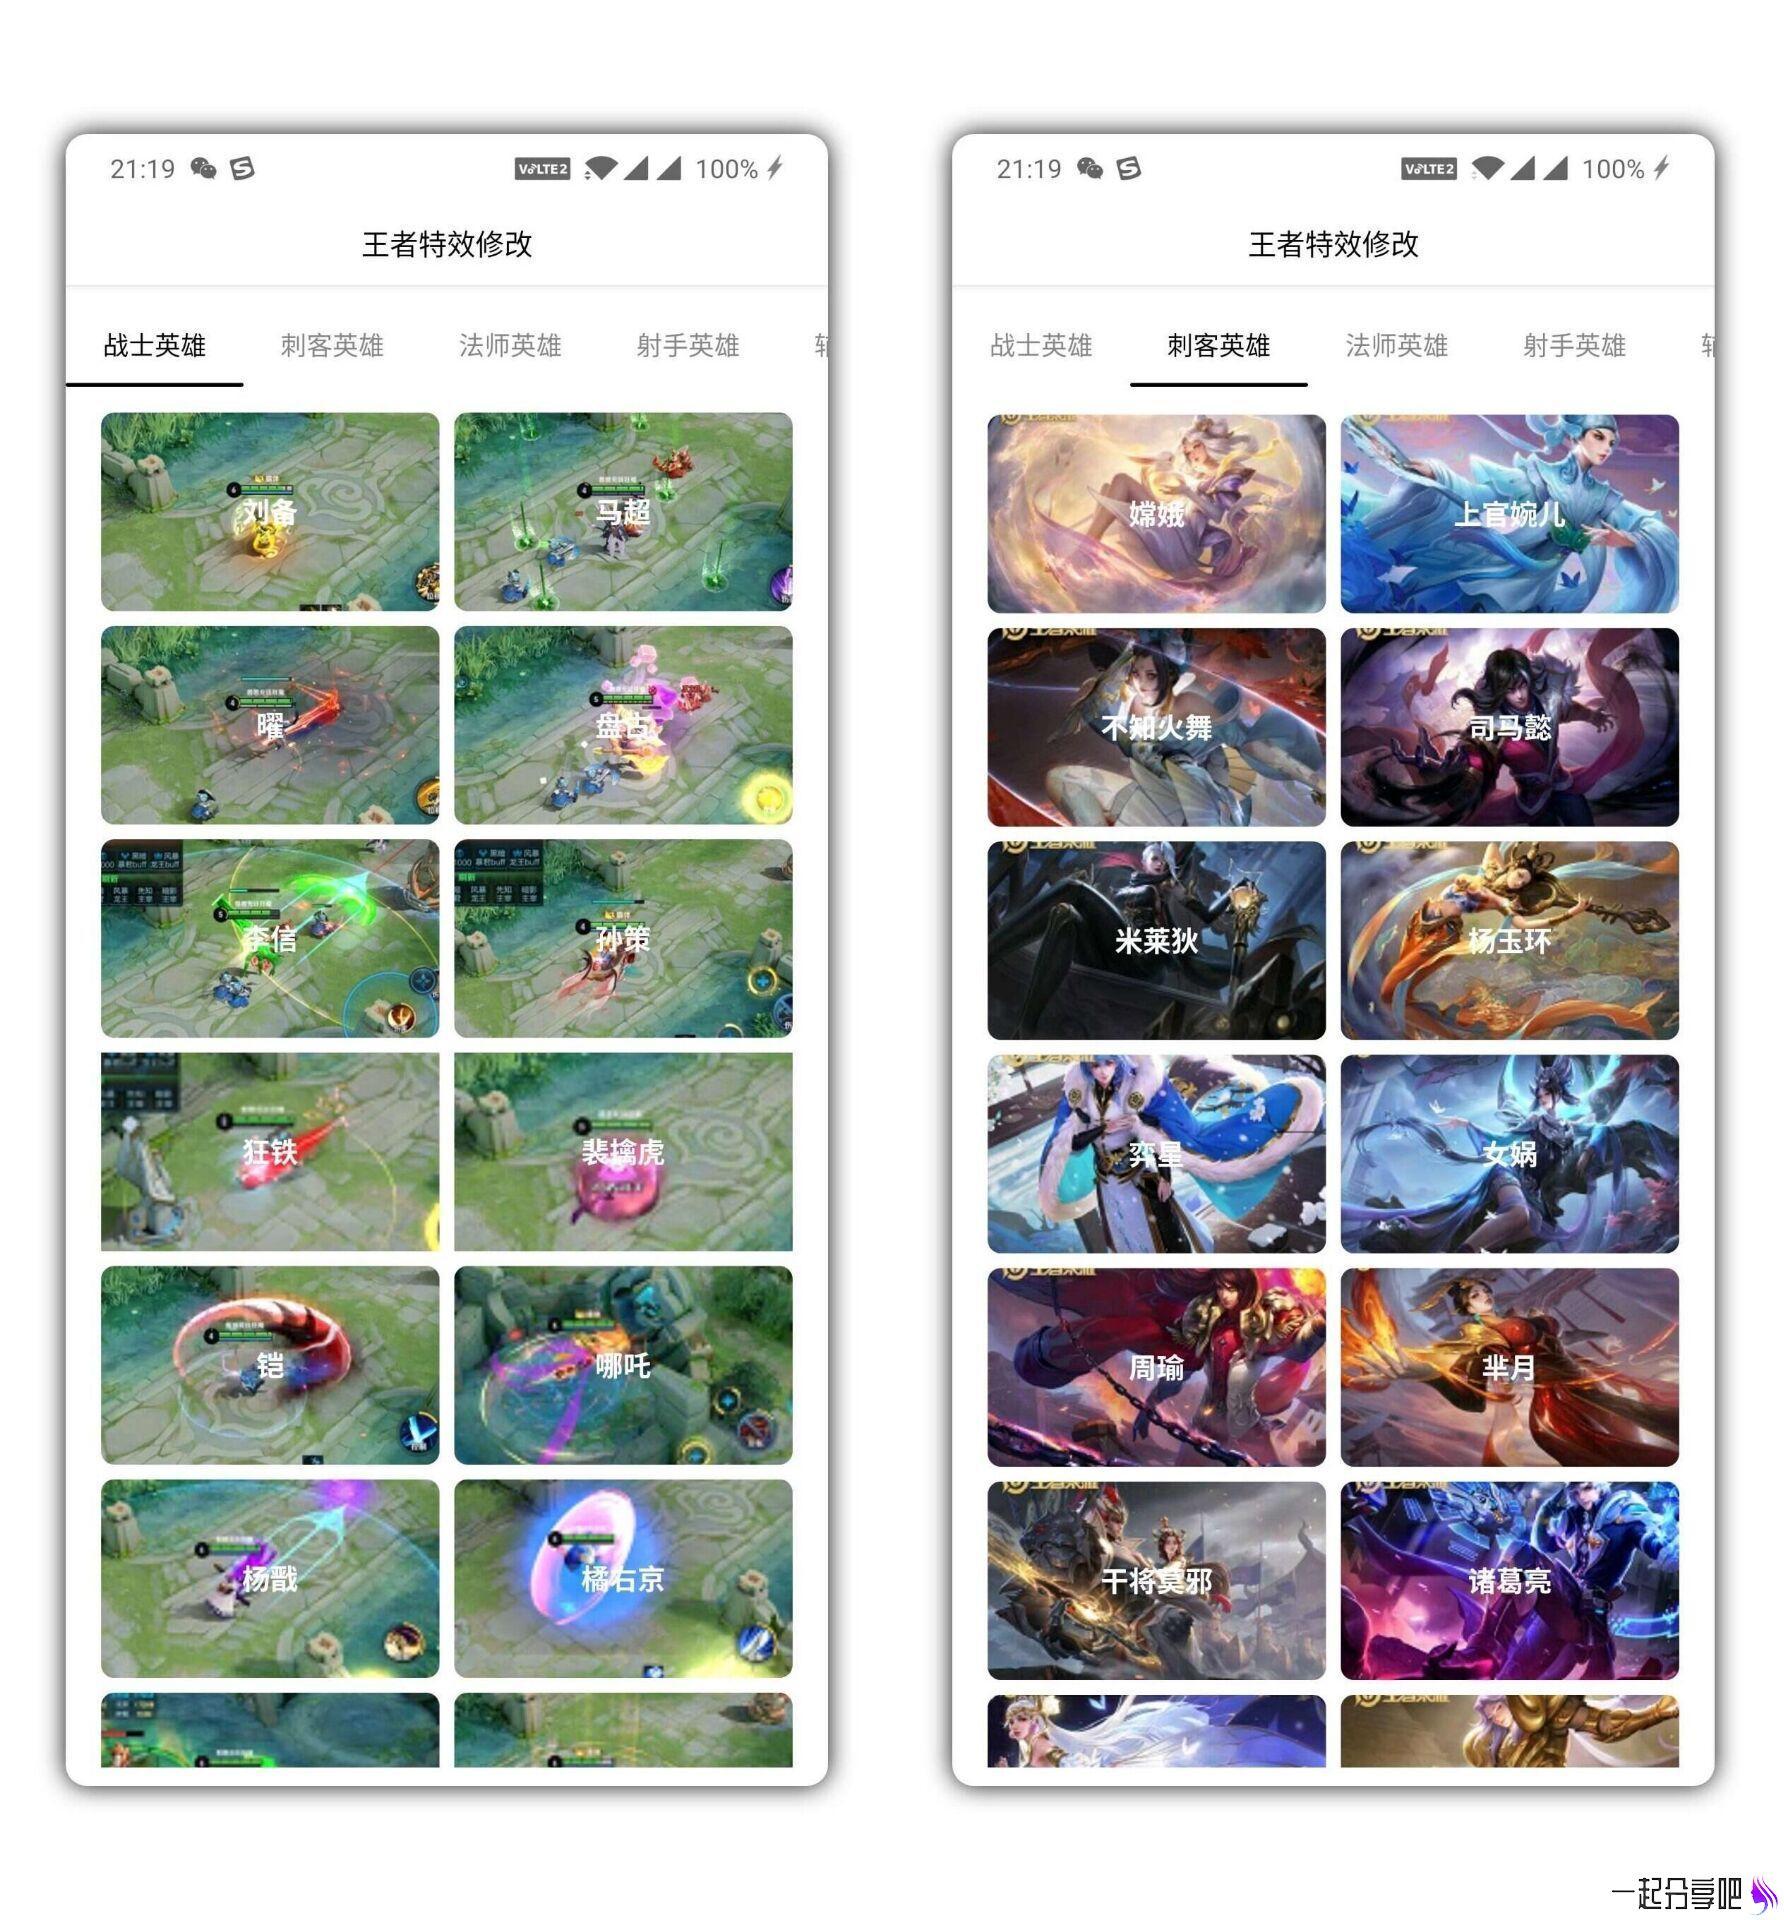 王者荣耀特效美化v2.0最新特效美化战斗手感更佳 第1张